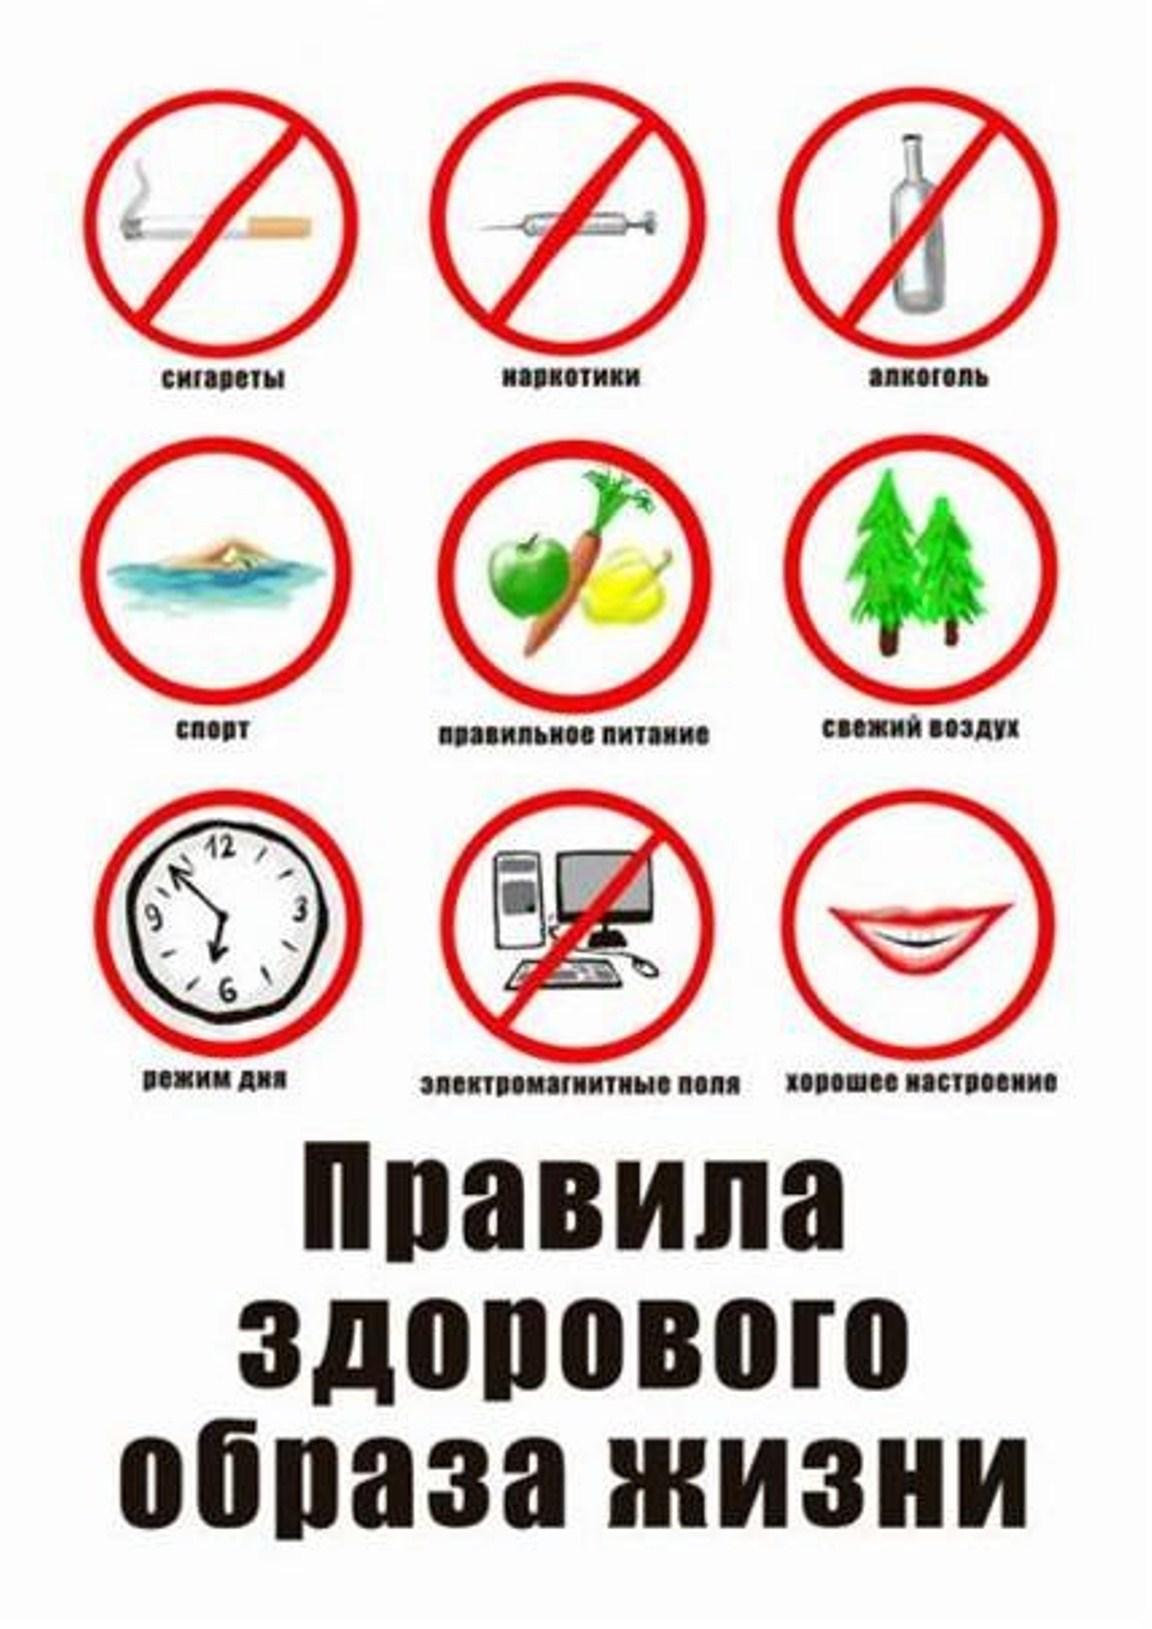 """Просмотреть все записи в рубрике  """"Здоровый образ жизни """". zdoroviy-obraz-jizni."""